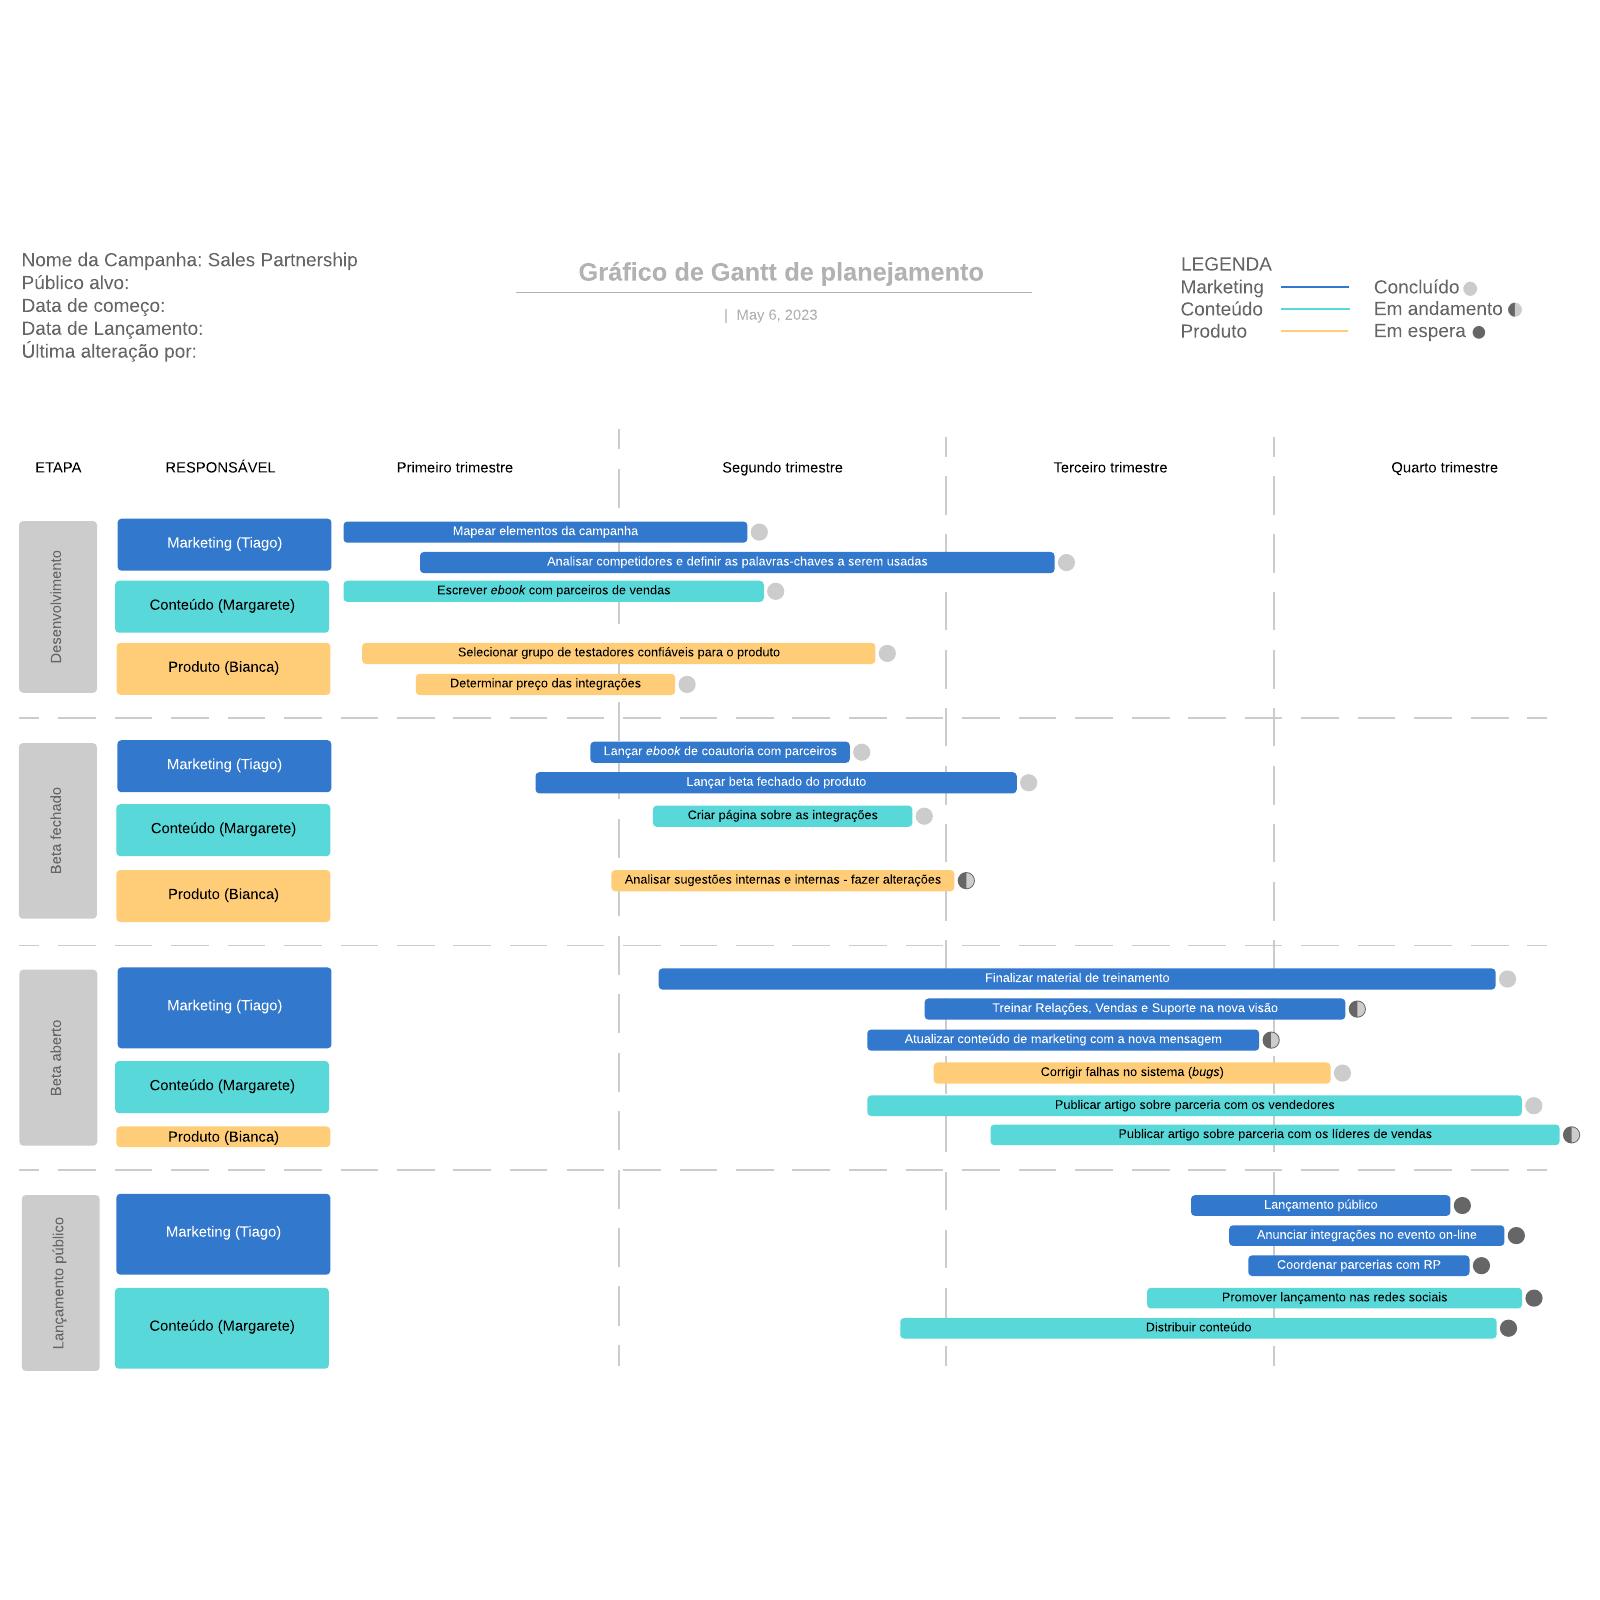 Gráfico de Gantt de planejamento